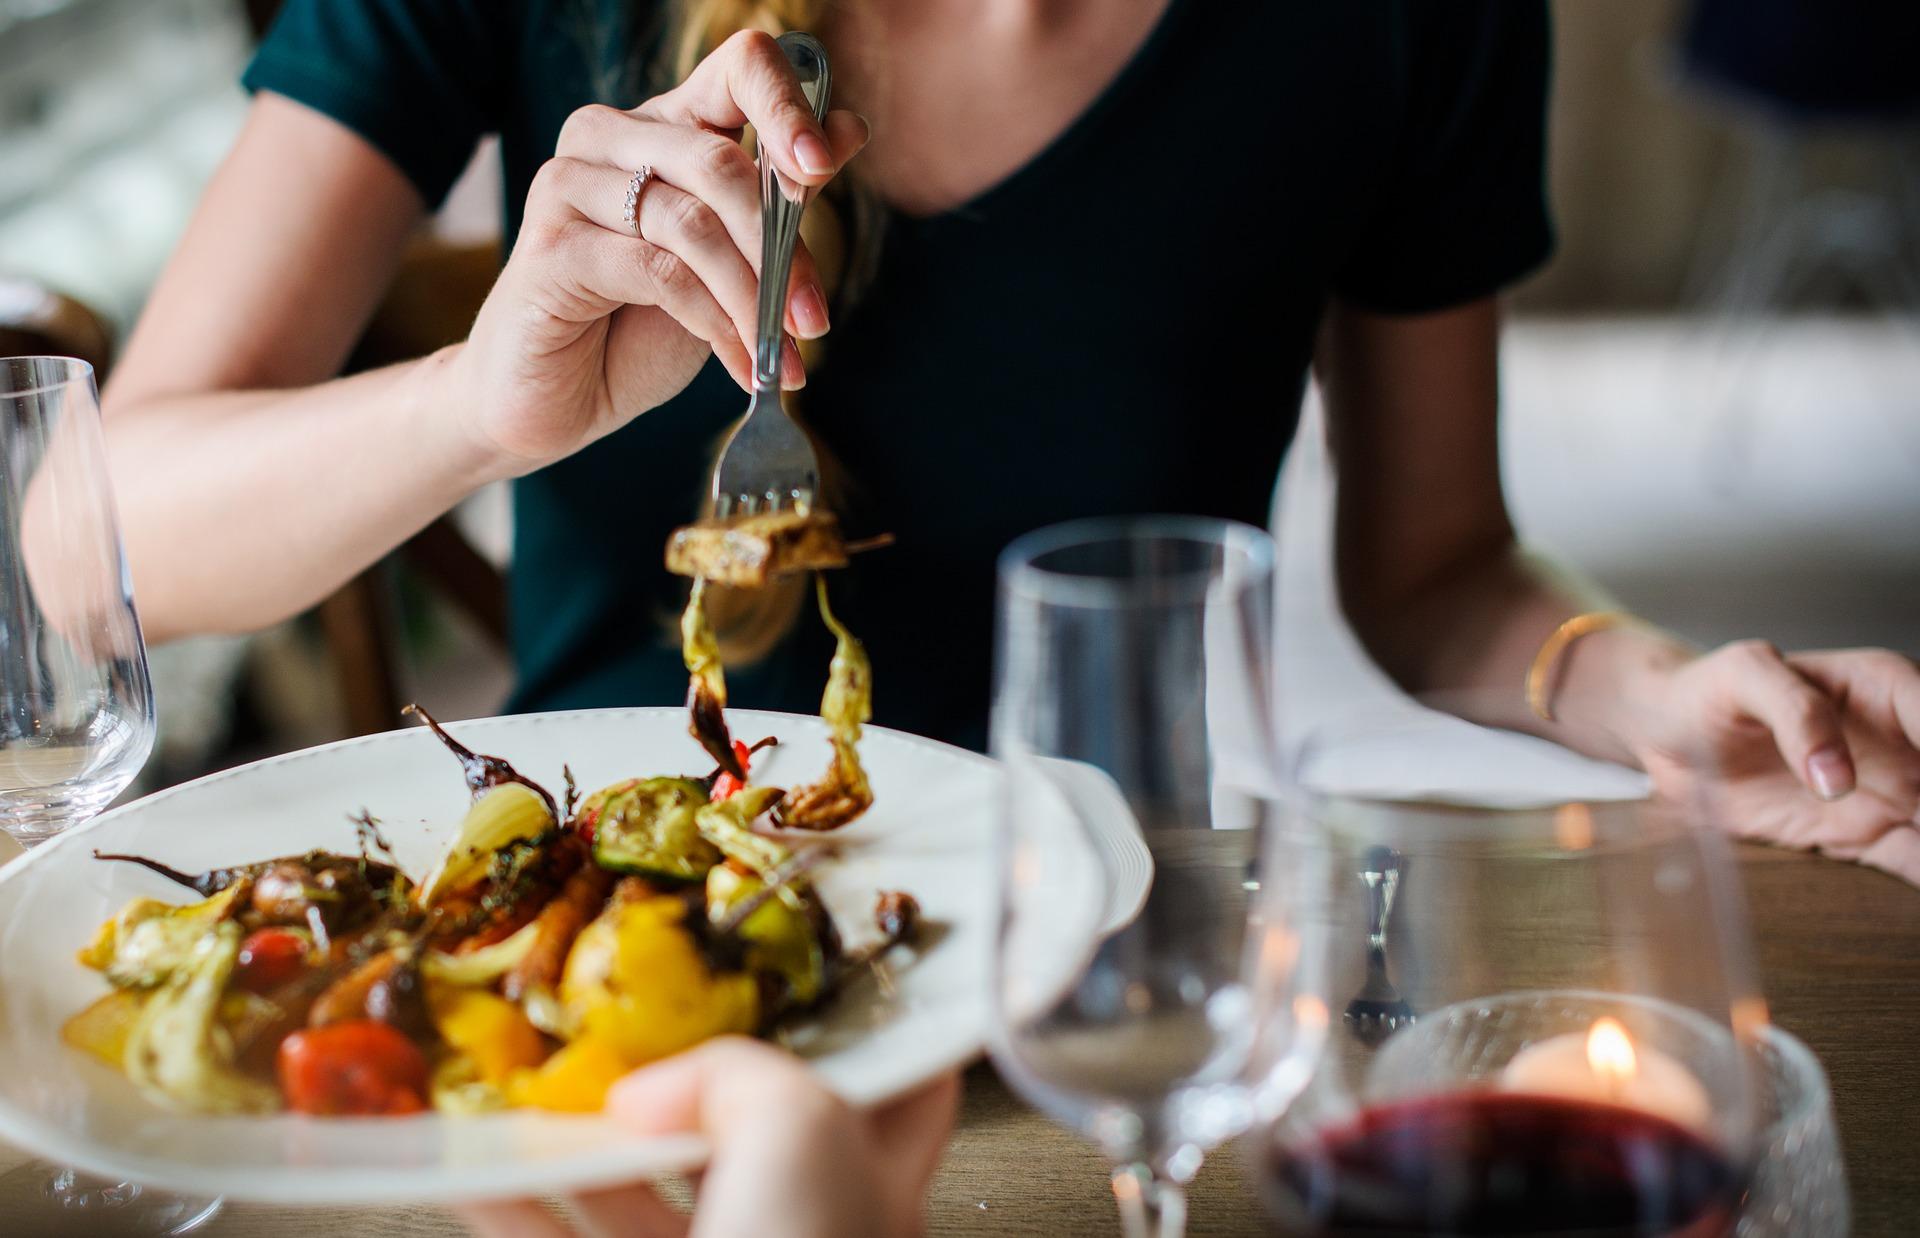 Diferencias entre ser vegetariano y vegano